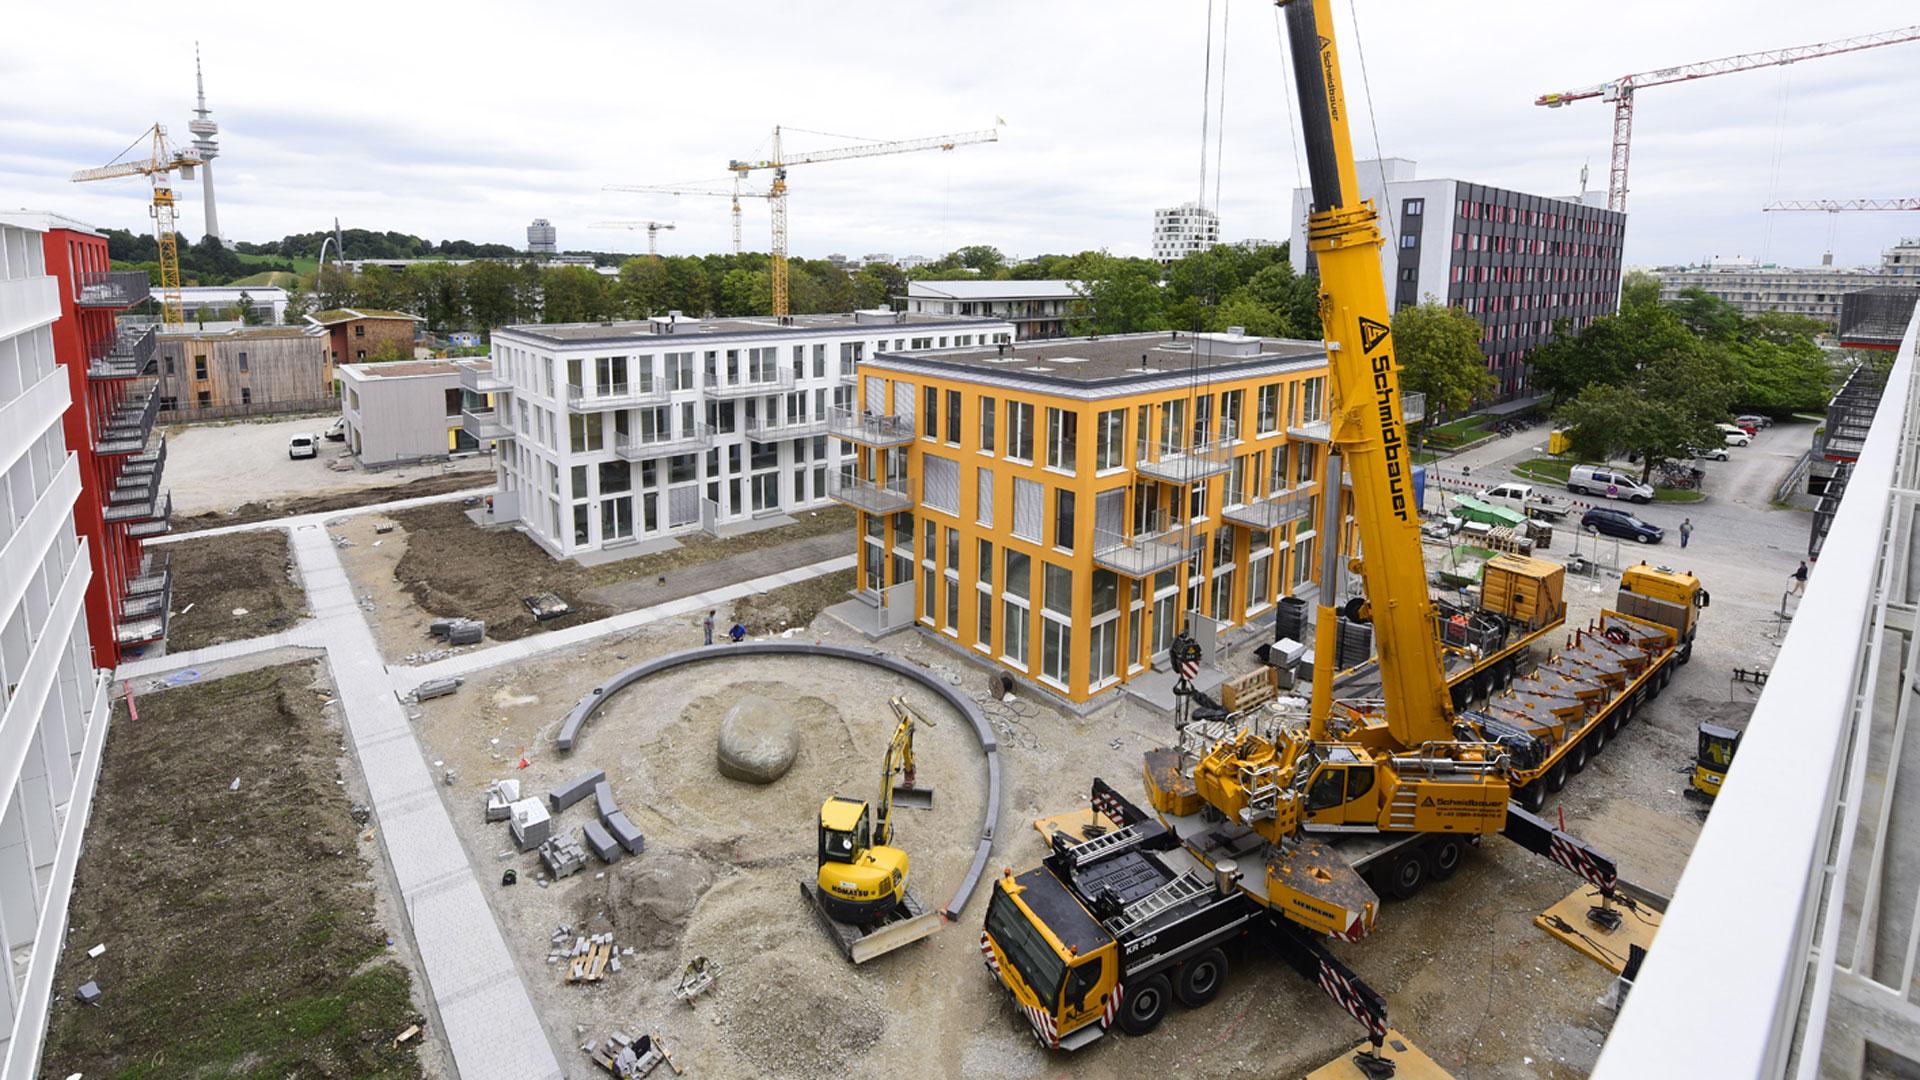 Ansicht der Baustelle der studiomuc Apartmenthäuser während der Bauarbeiten an den Außenanlagen zur Herzsteinsetzung durch das Architekturbüro atelier8 Barbara Jurk